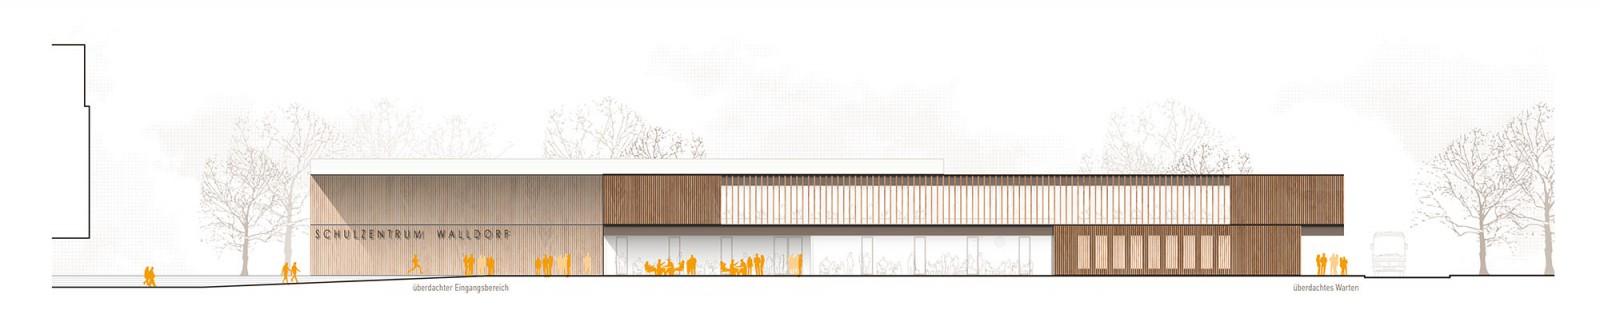 Schulzentrum Walldorf, Mensa Ganztagesbetreuung und Sporthalle